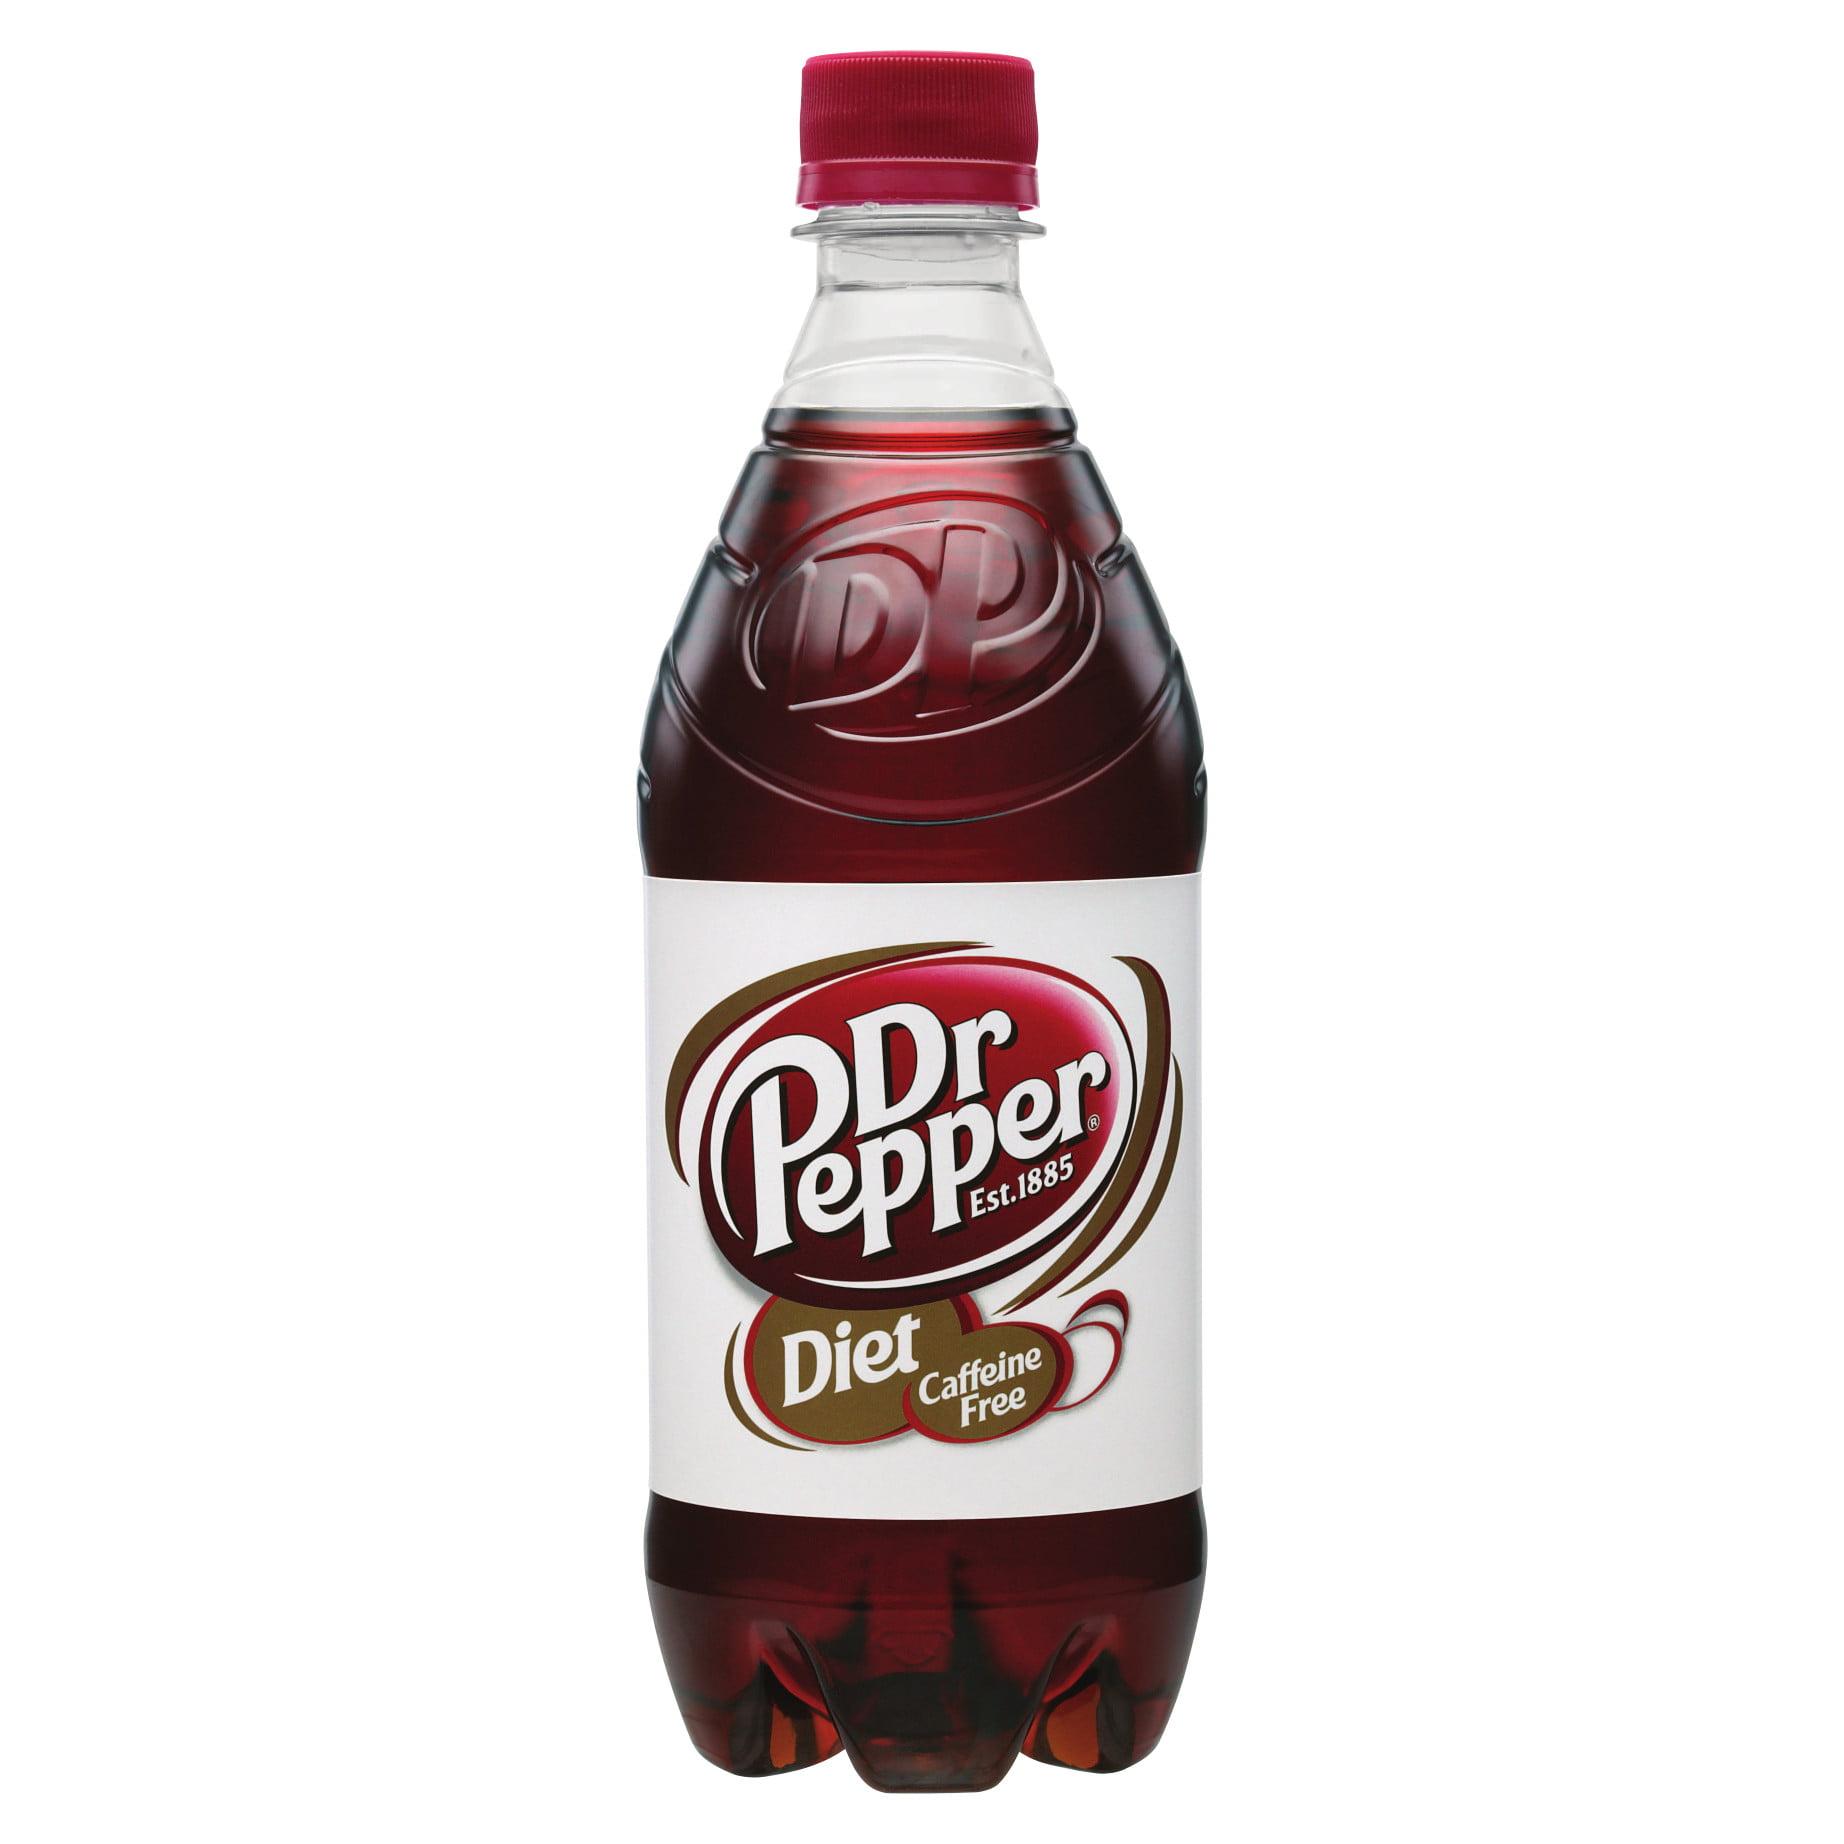 Caffeine Free Diet Dr Pepper, 20 Fl Oz